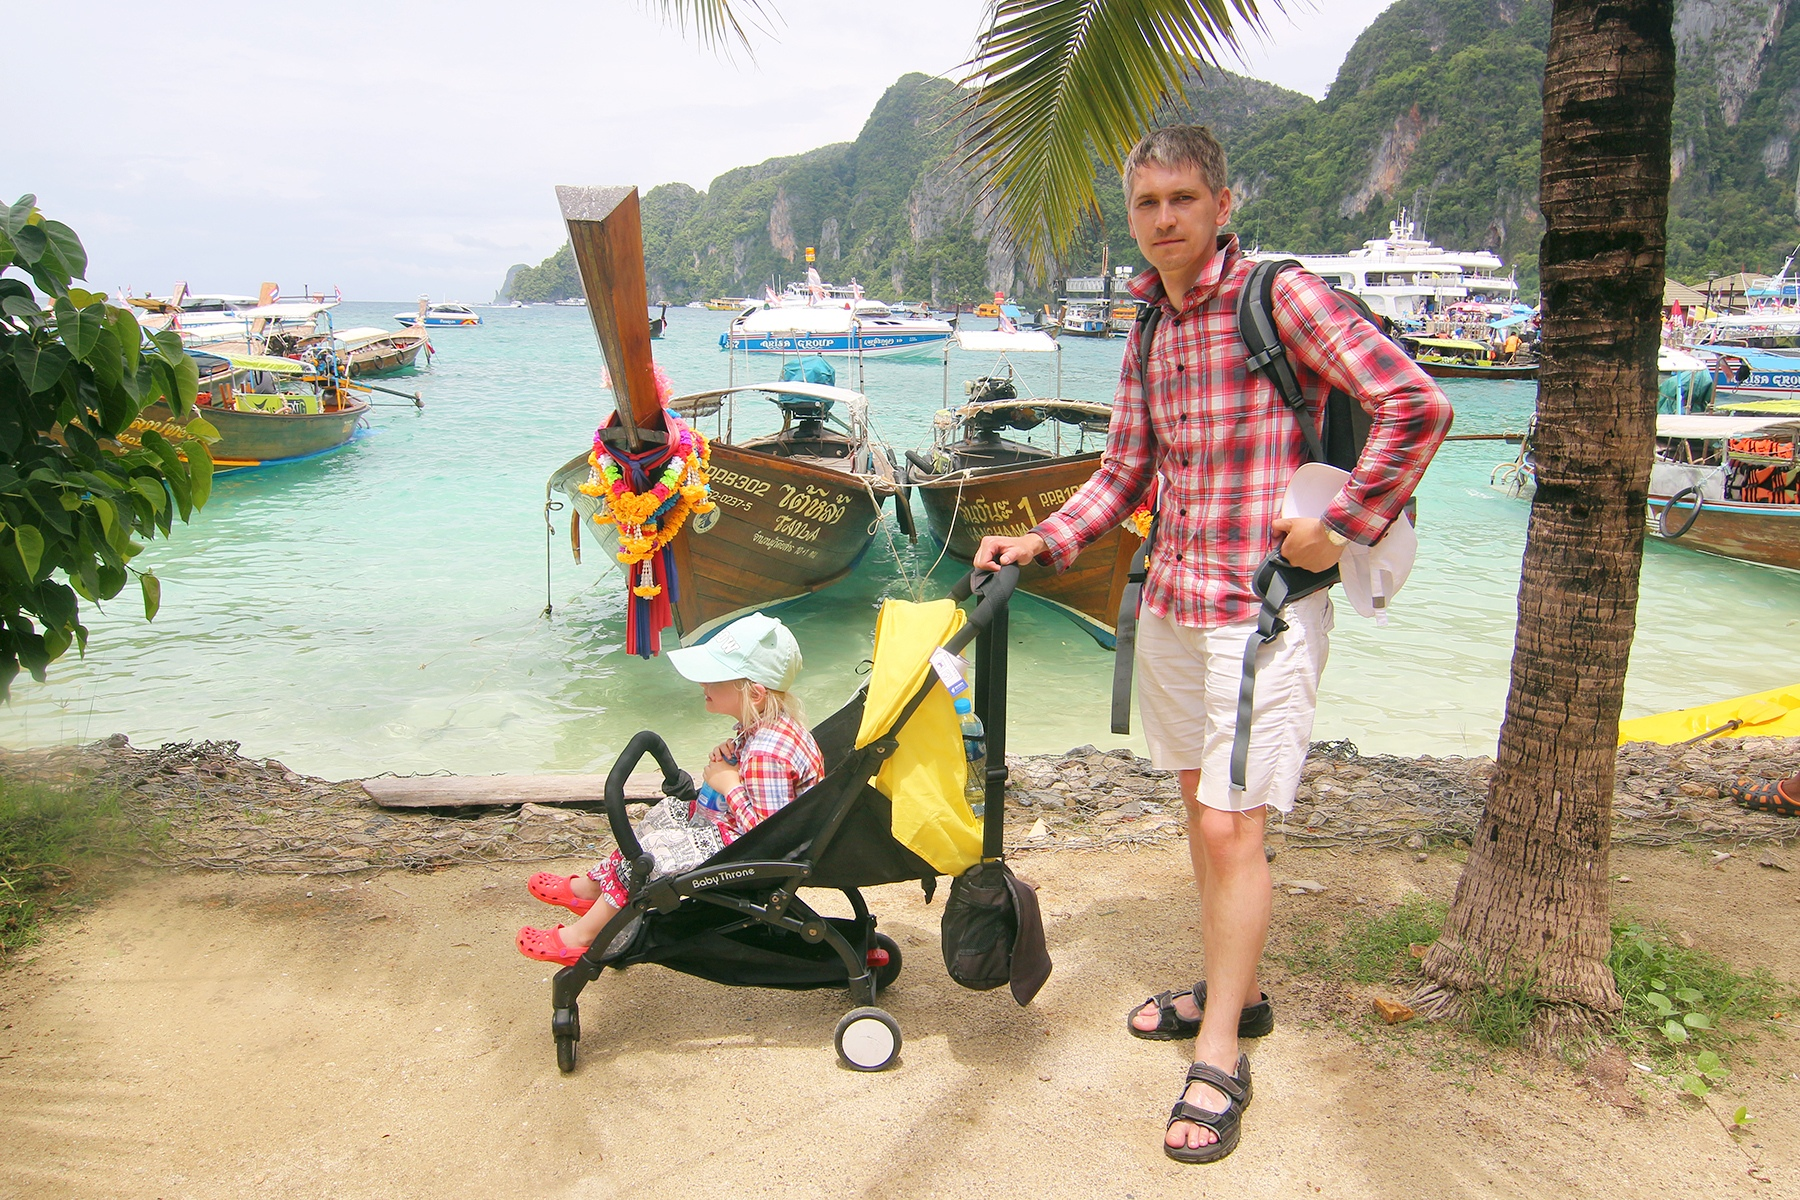 отдых с детьми в тайланде отзывы фото